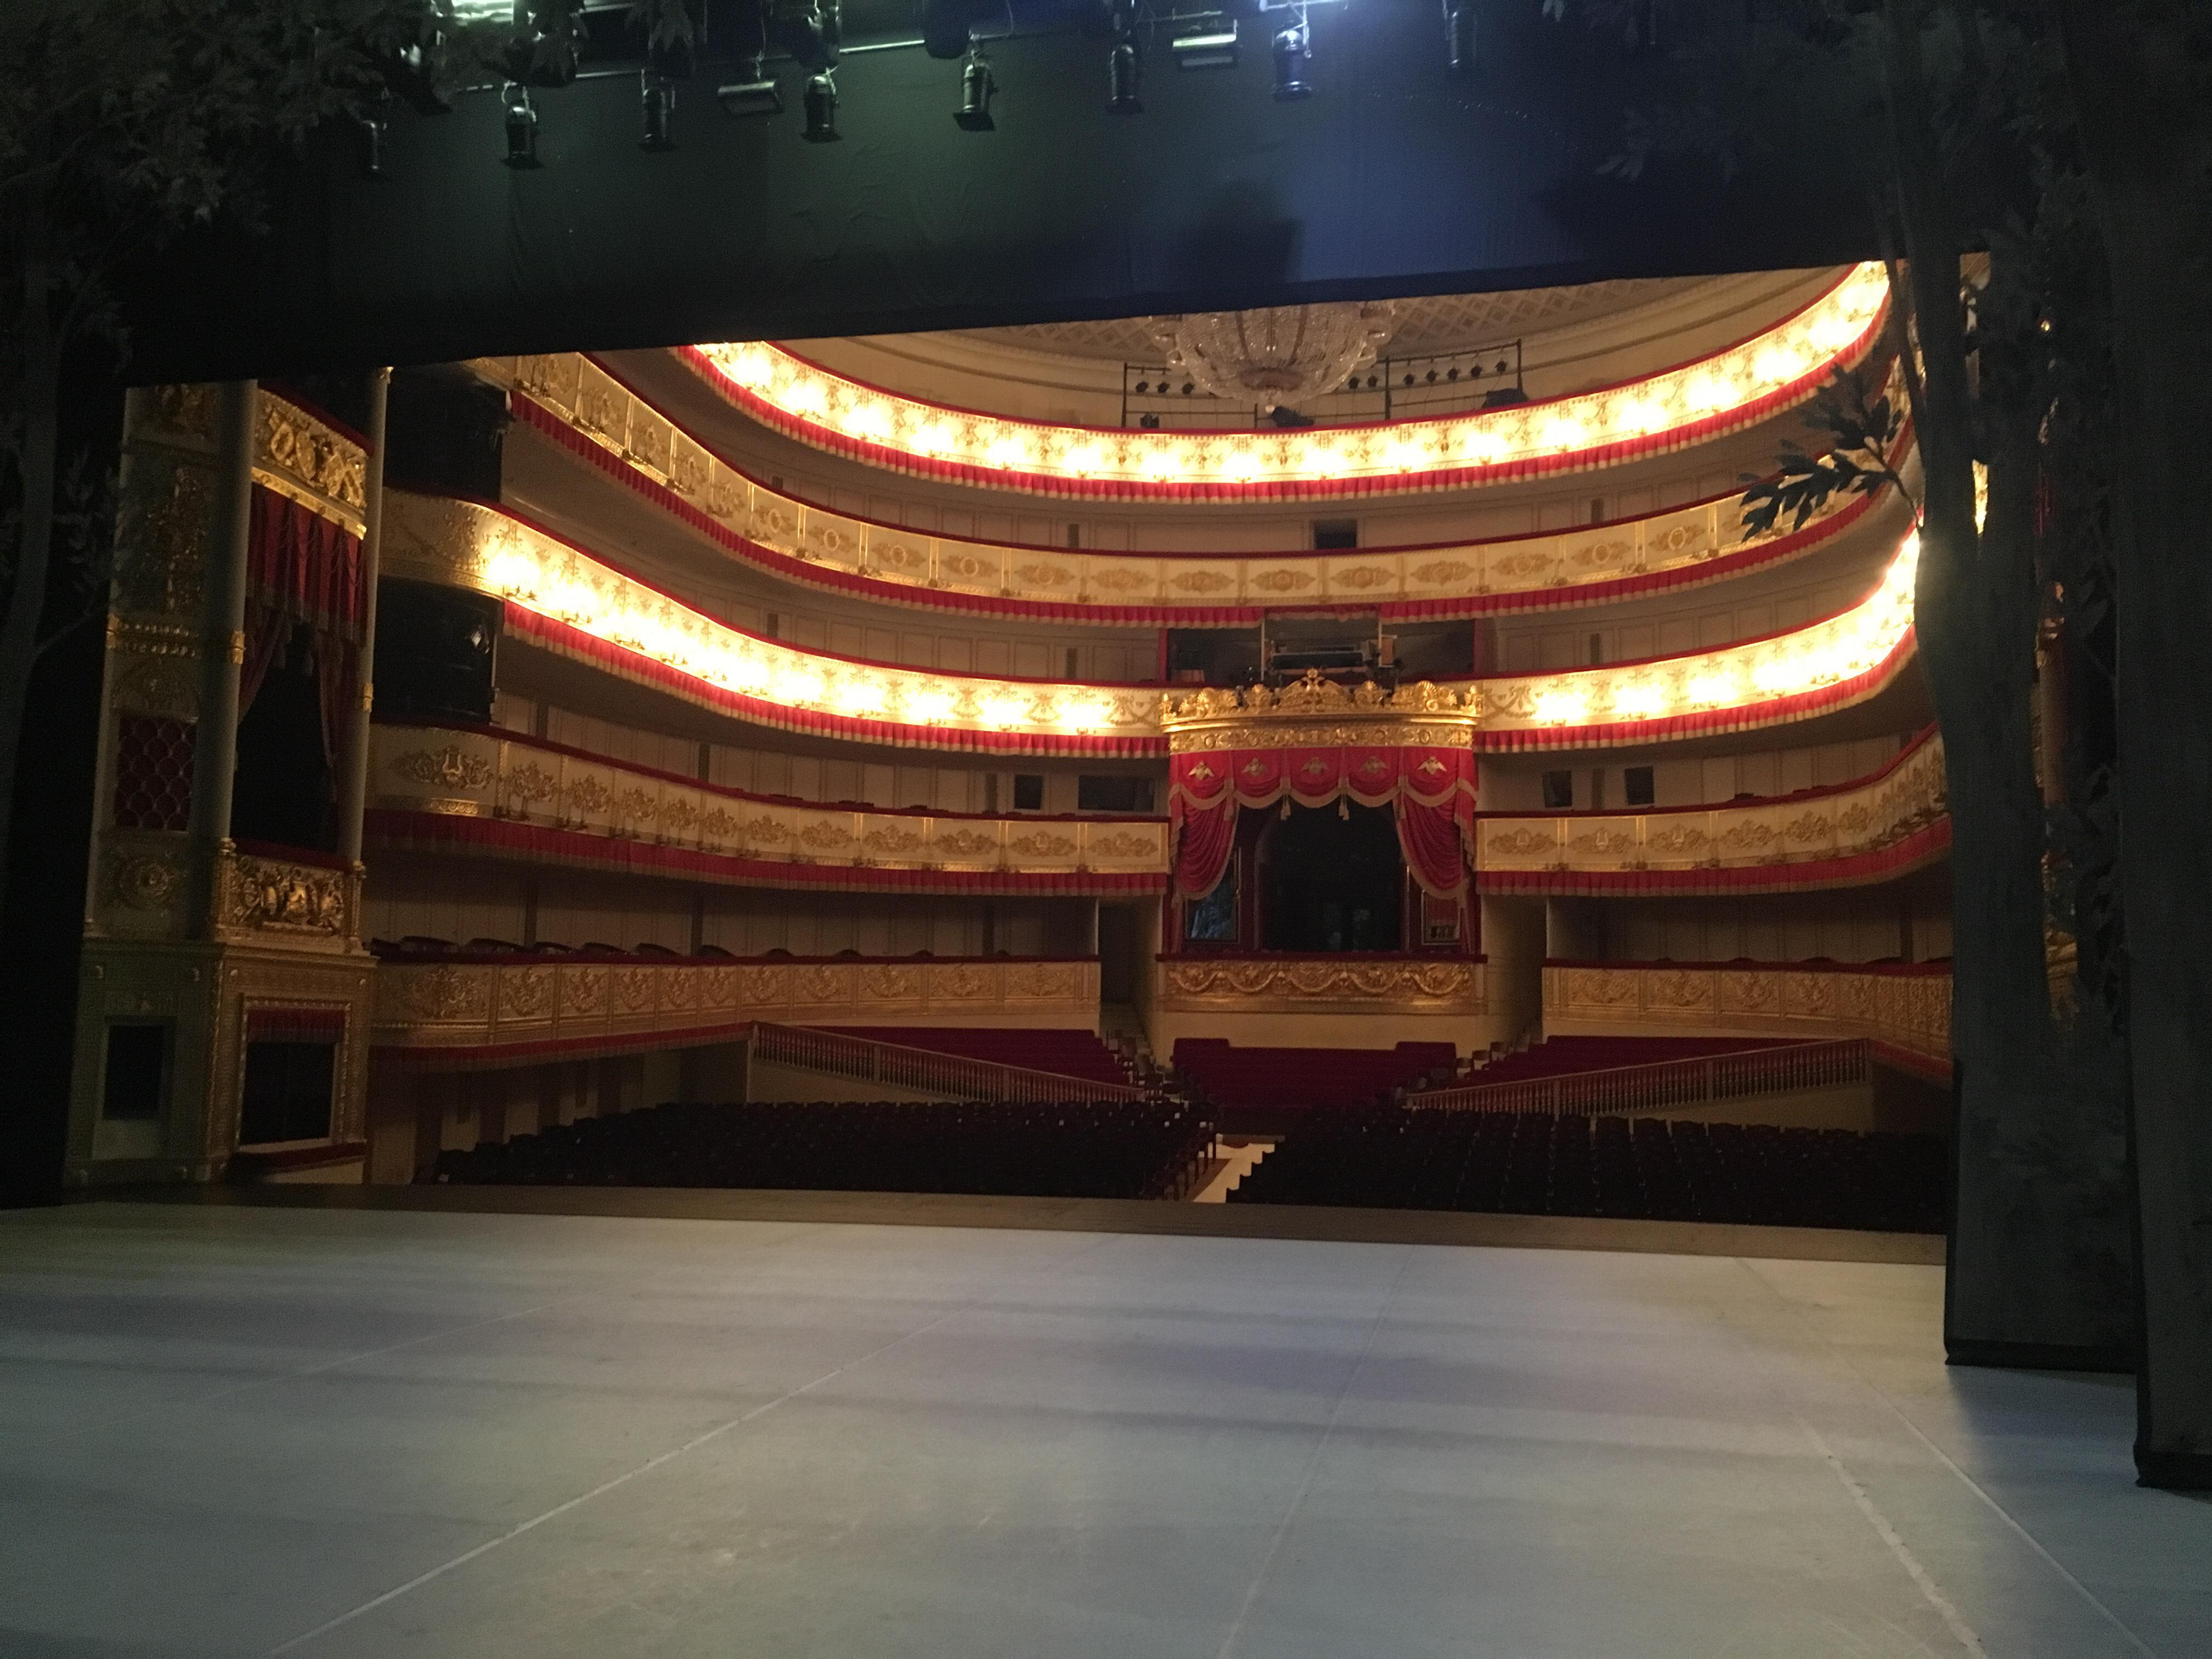 アレクサンドリンスキー劇場の舞台